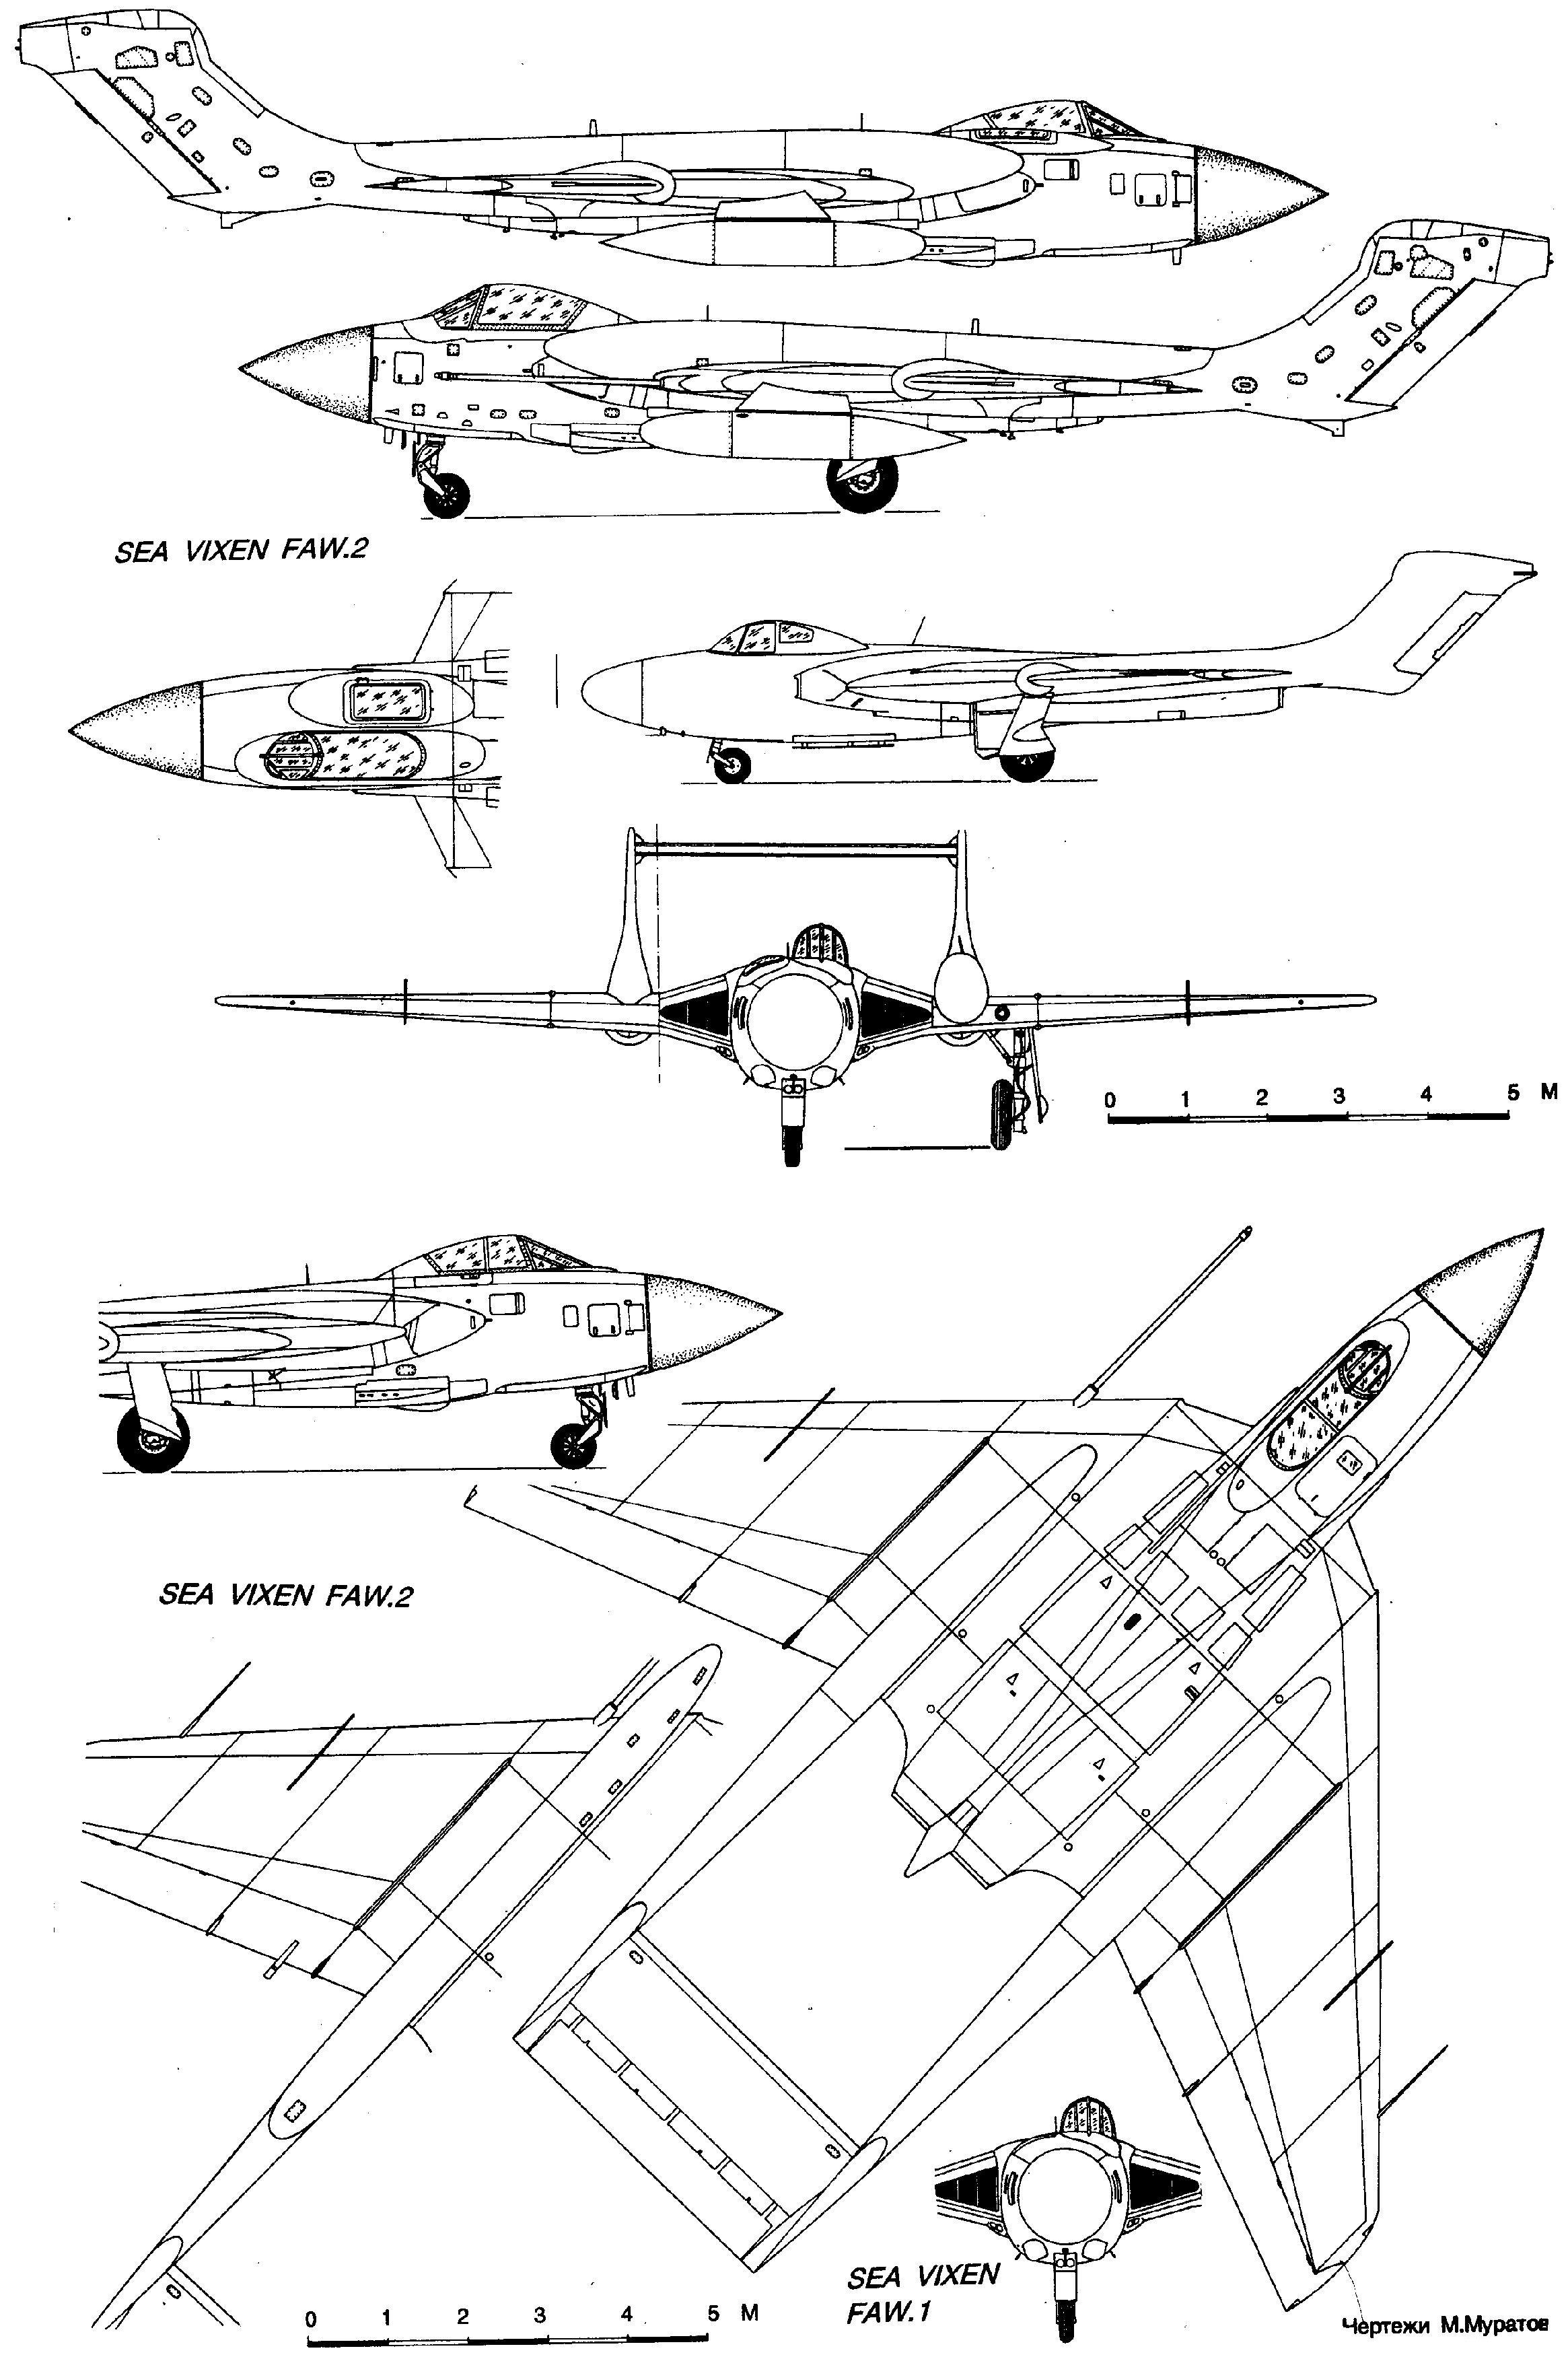 de Havilland Sea Vixen blueprint